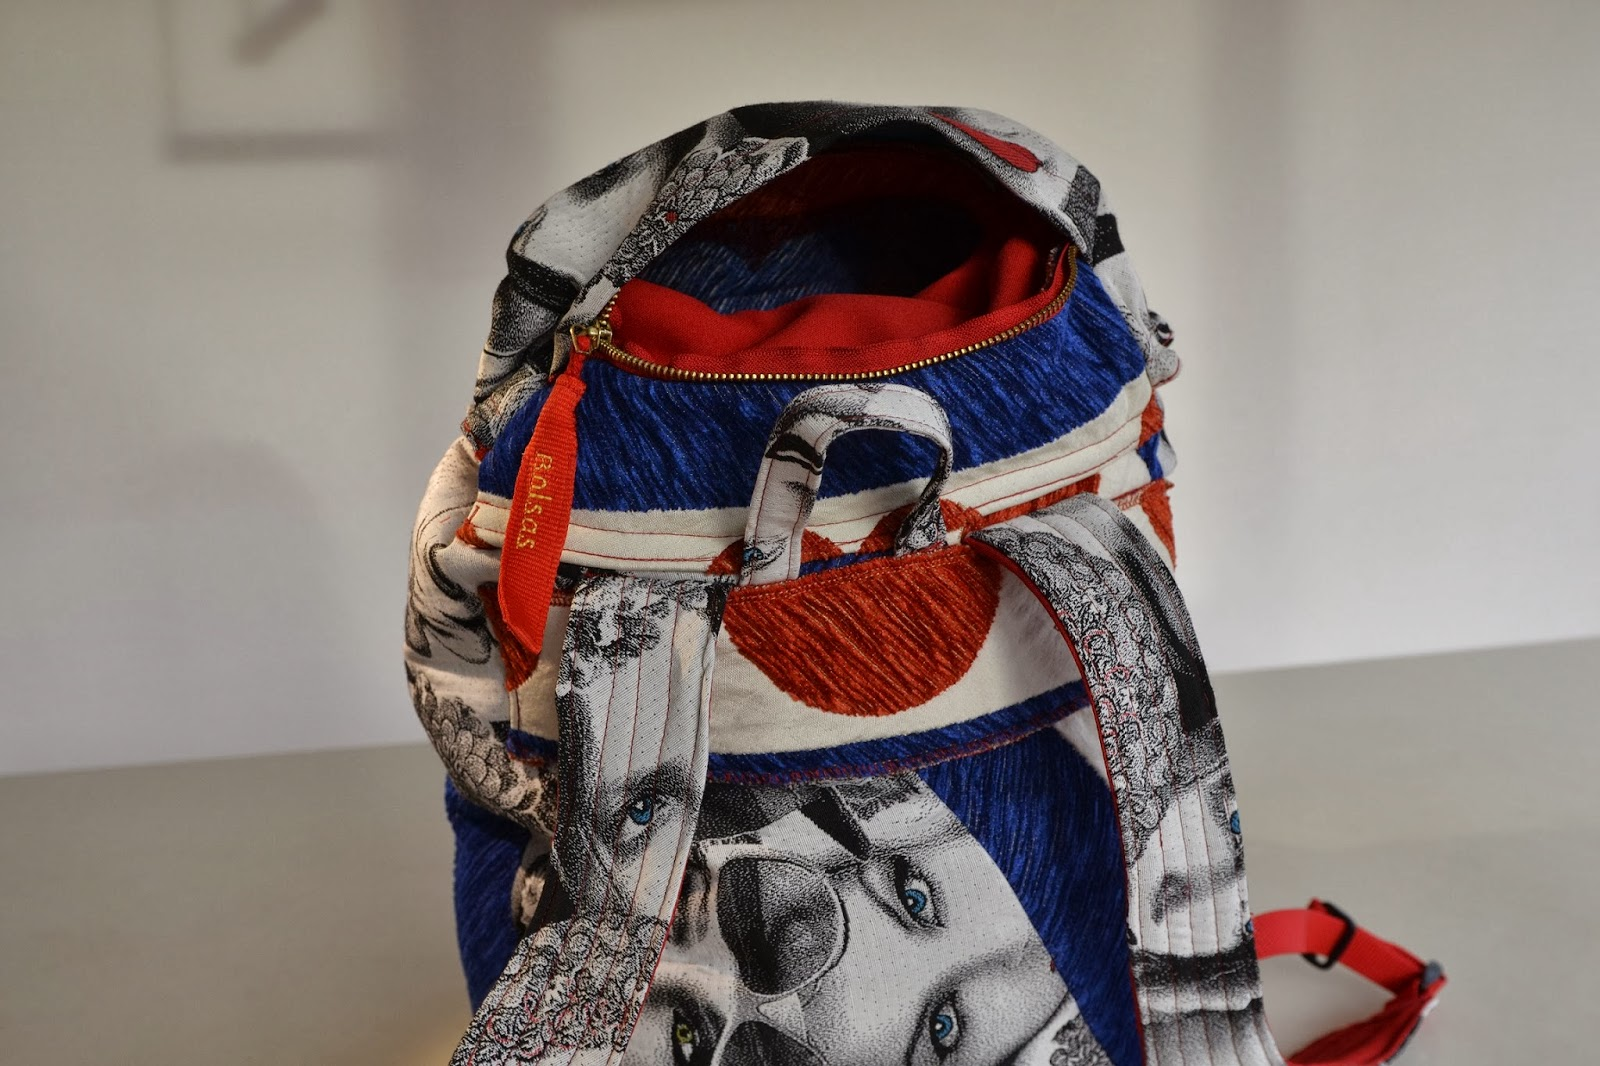 Bolsas-Tassen, unieke handgemaakte tassen, rugzak, blikvanger, eachluker